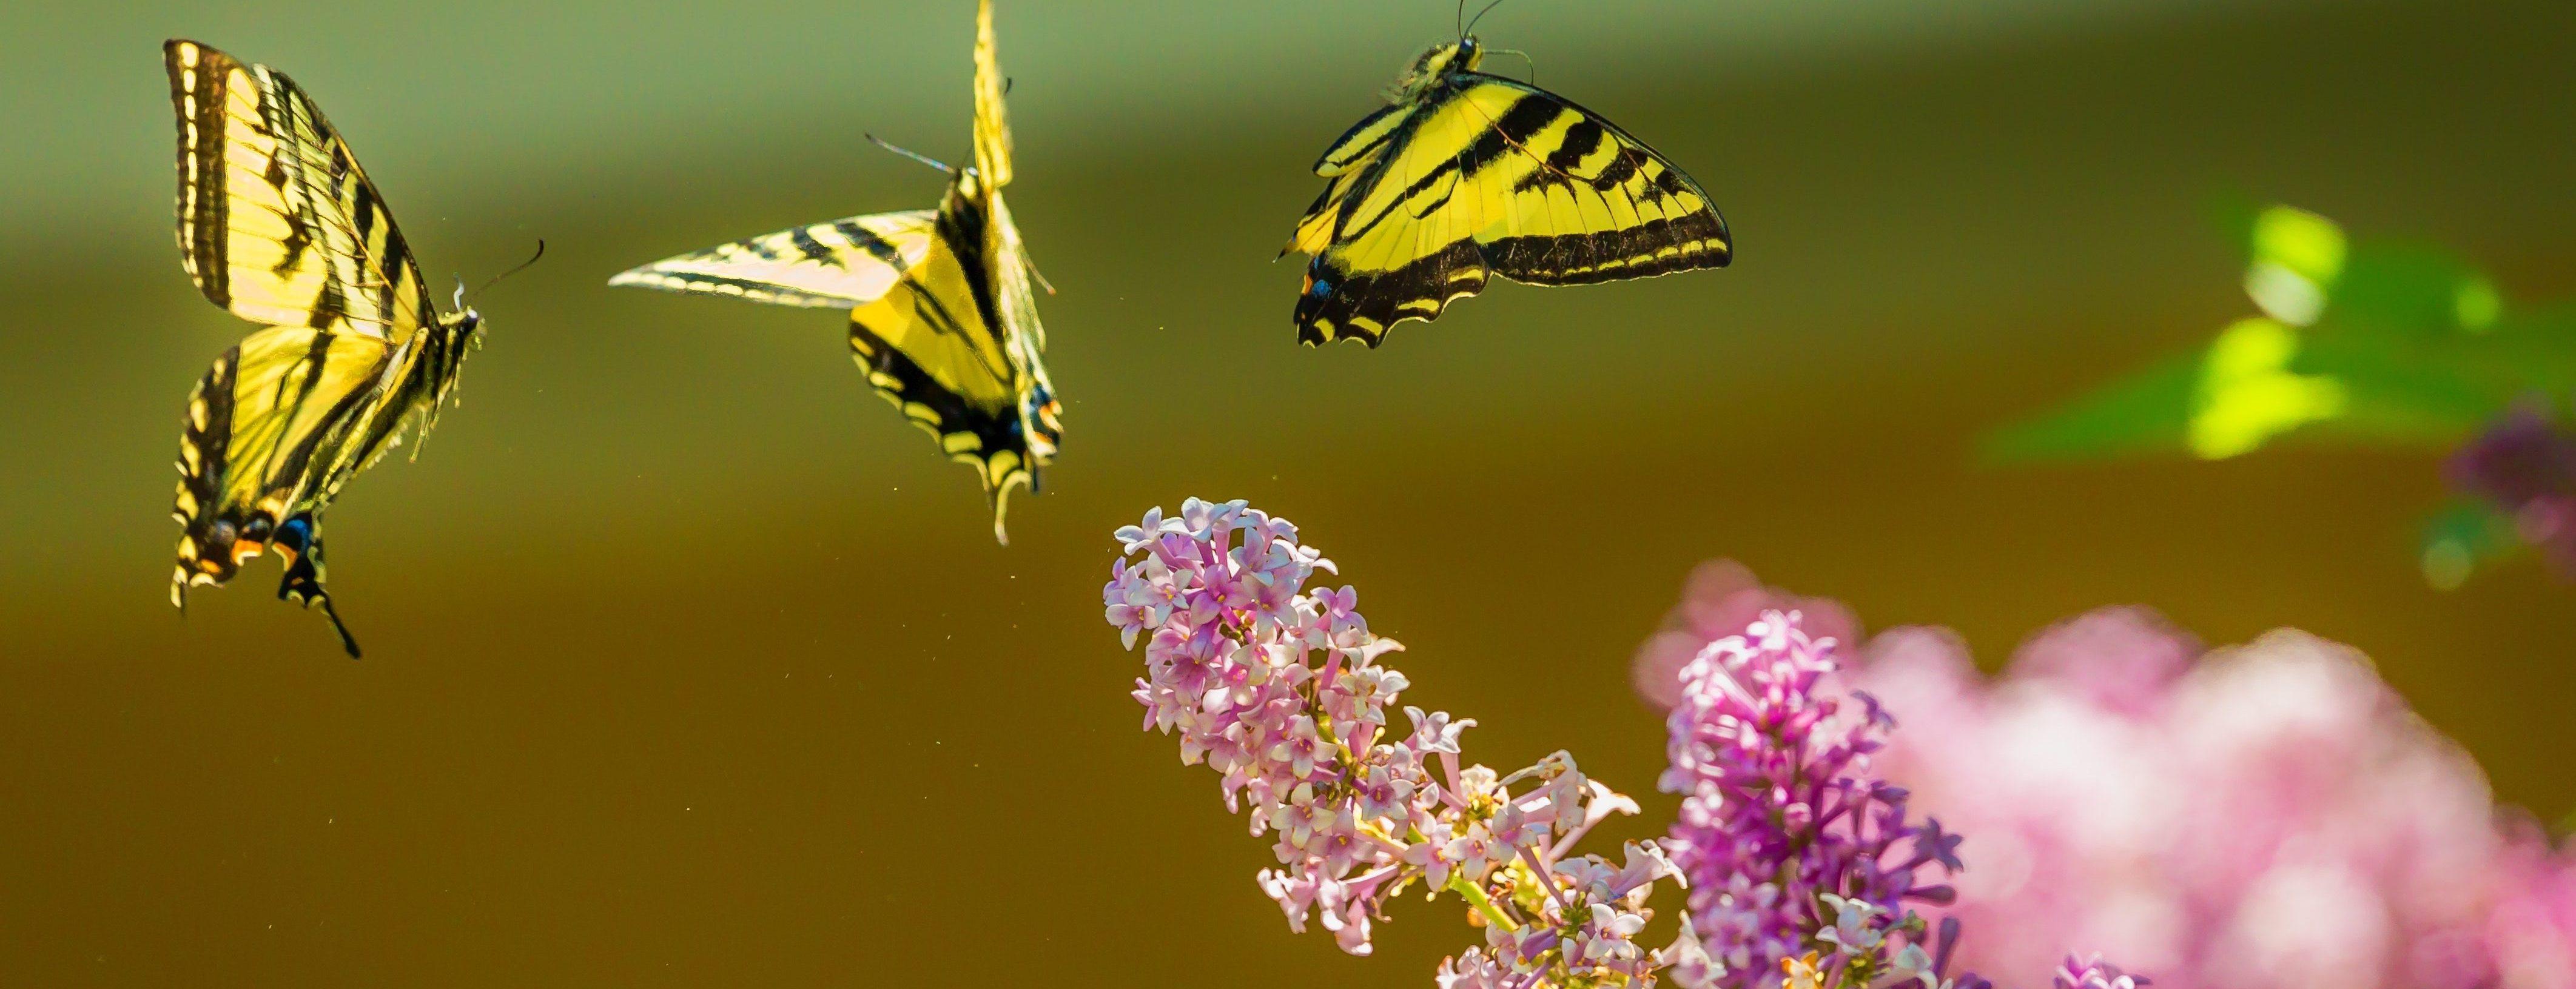 massage ayurvédique abhyanga du corps entier à l'huile détente paix sérénité paris 75014 sophie noiret santé Inde bien-être joie lumière papillon air respiration